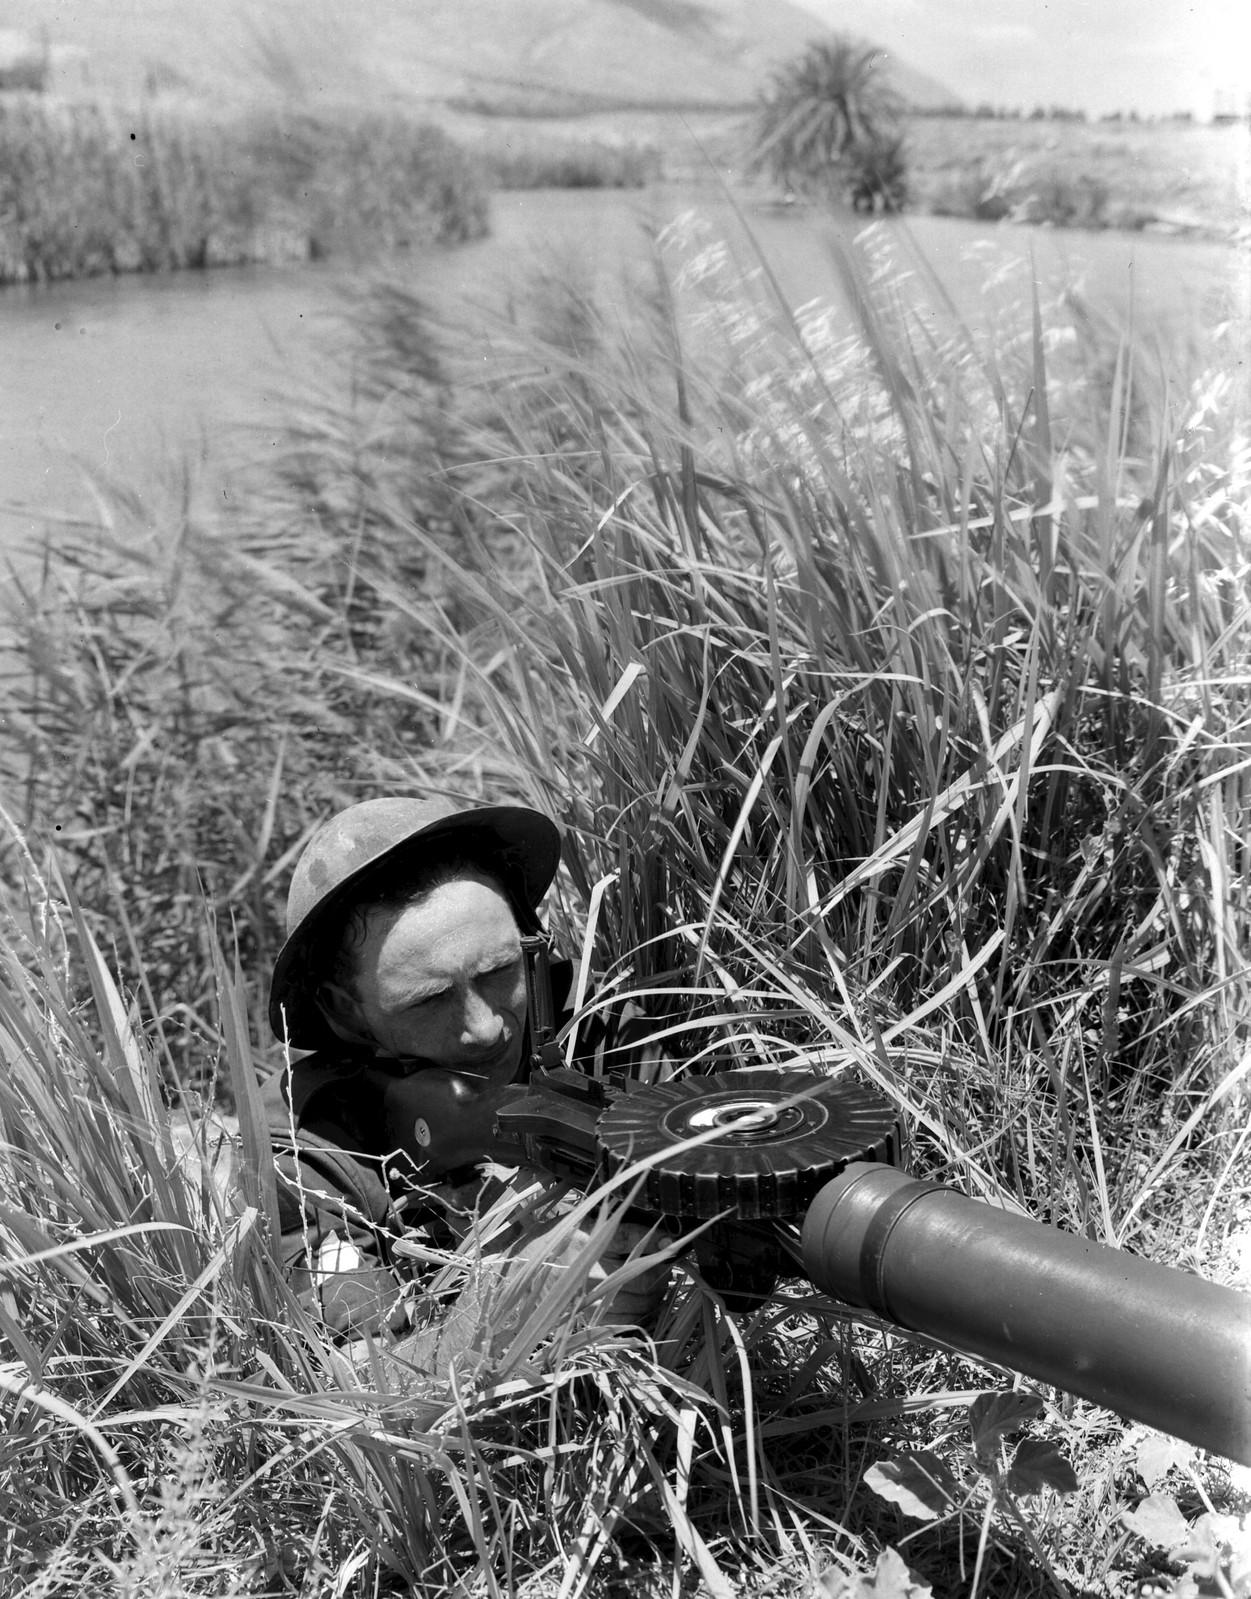 1939. Член поселенческй полиции на третировке в Нахаль Амаль. 18 июня